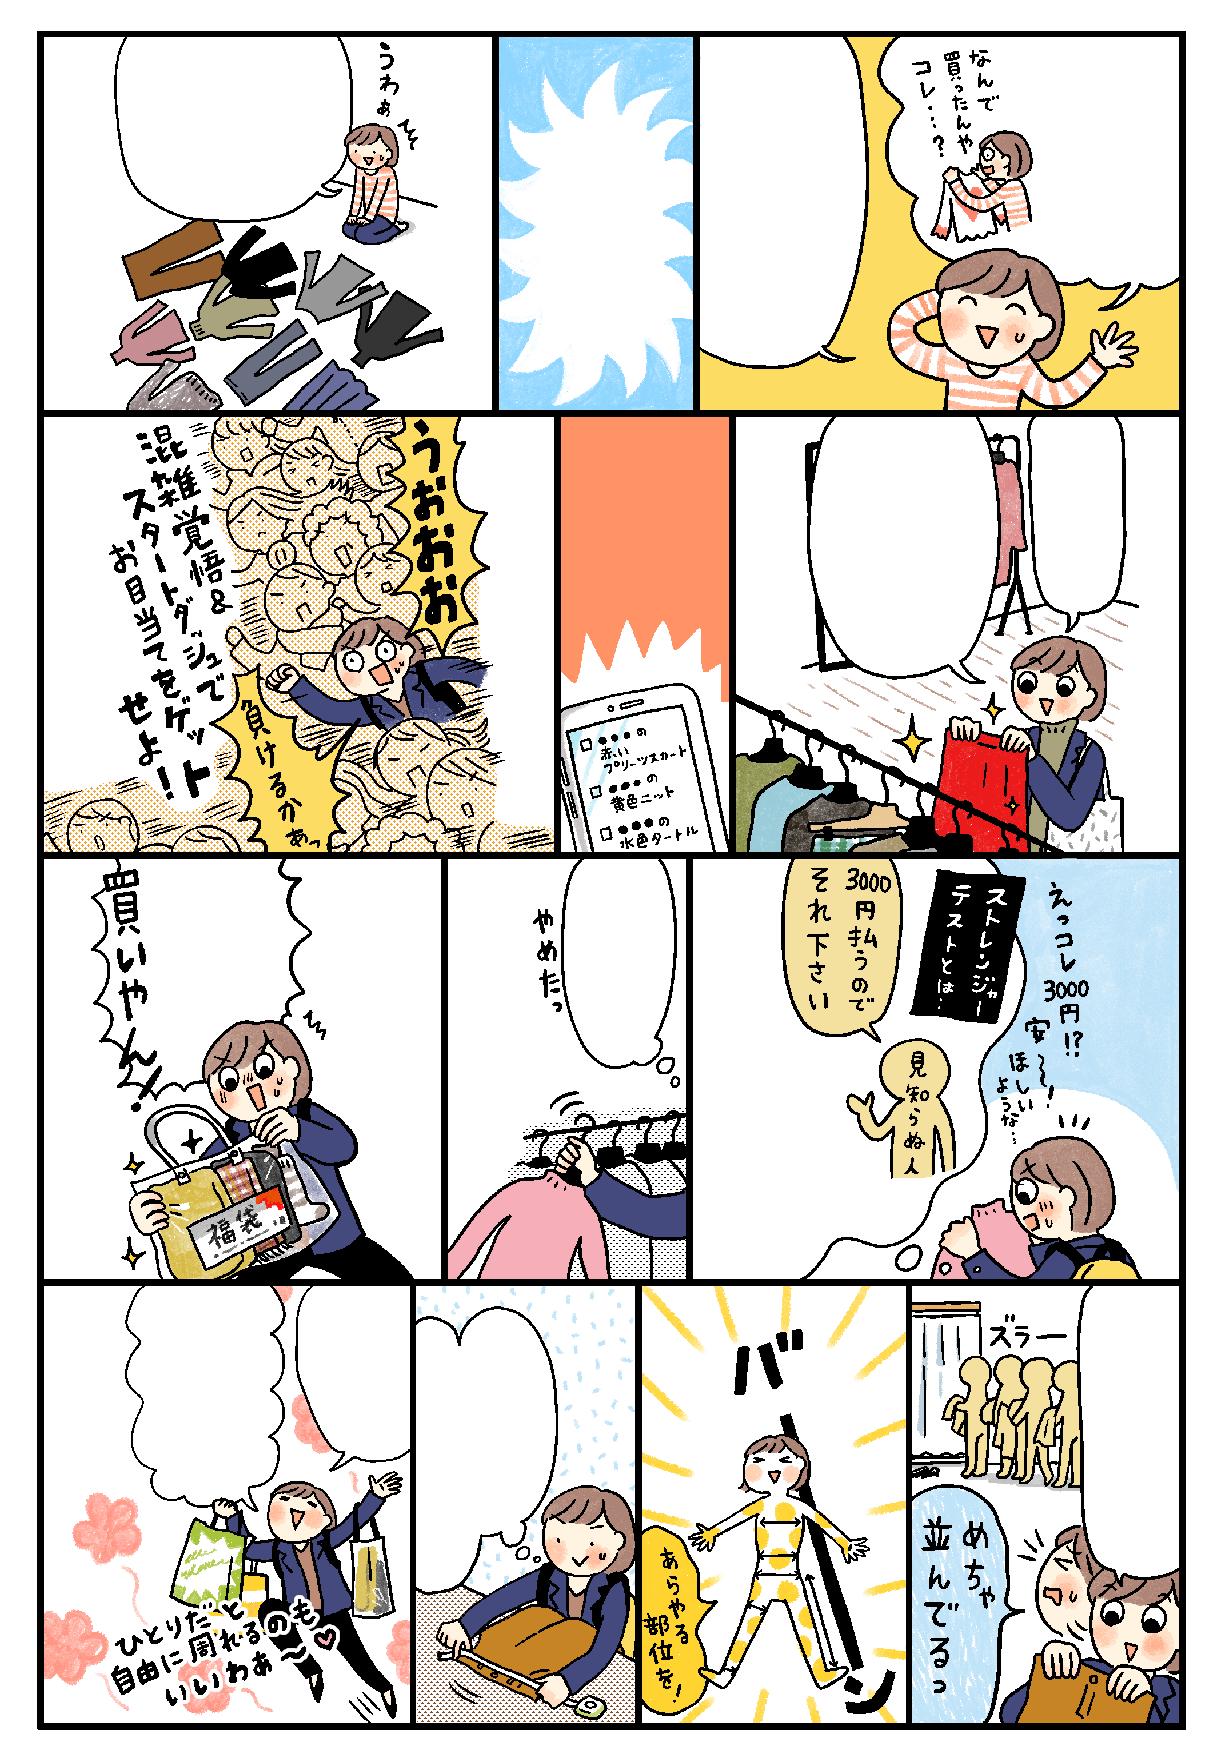 東京ウォーカー「年末年始特集」セール攻略漫画<KADOKAWA>